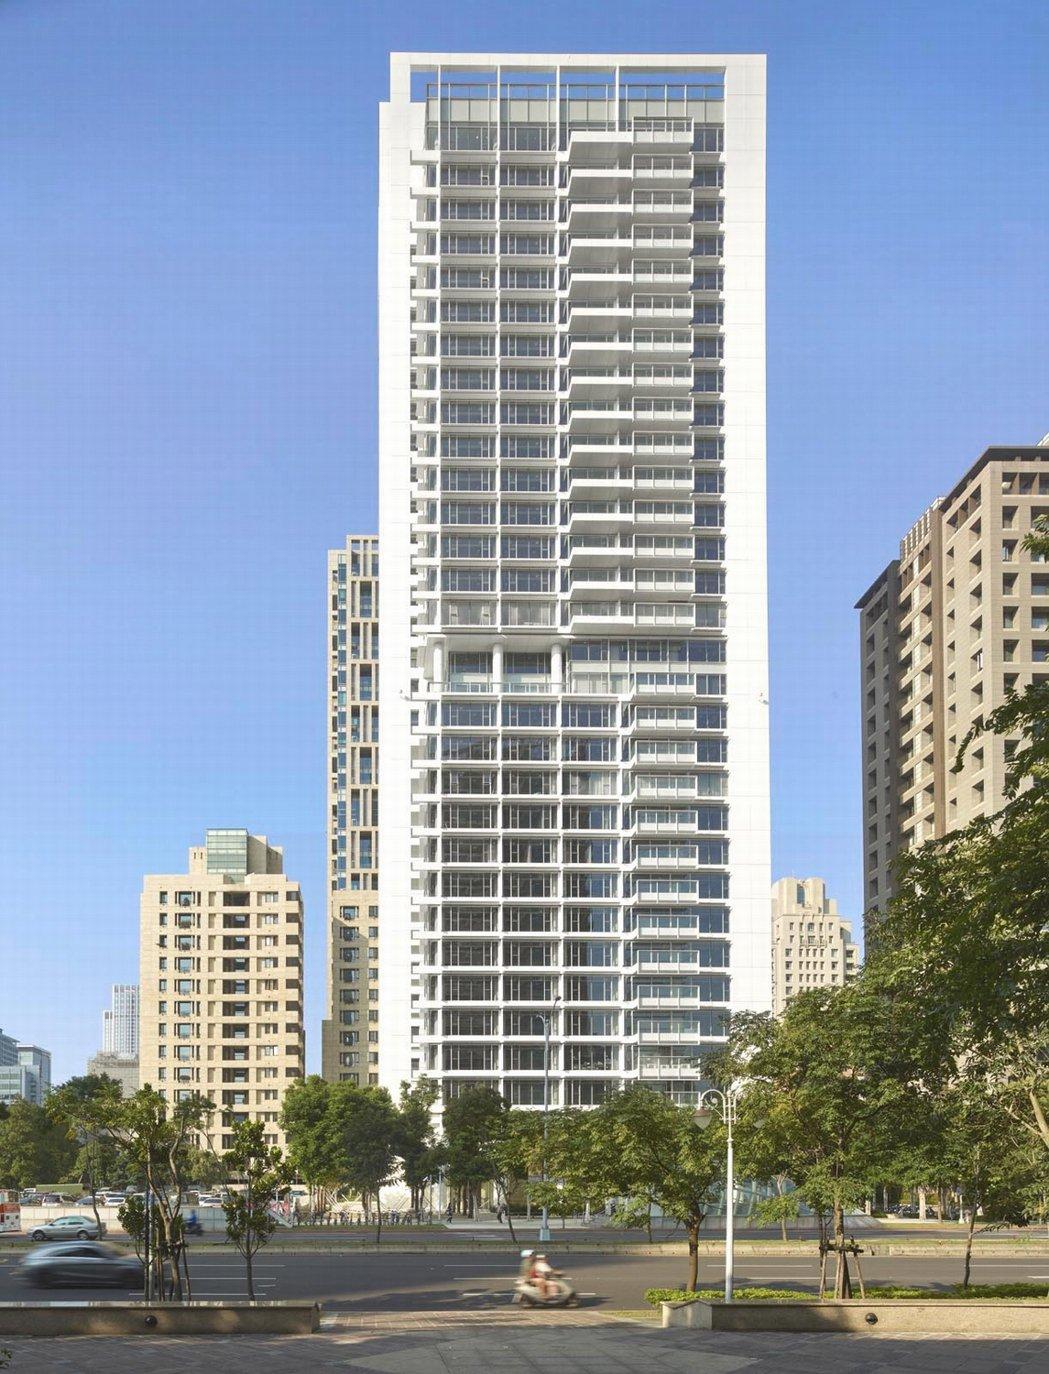 普立茲克建築獎得主、紐約白派建築大師Richard Meier 設計信義計畫區3...